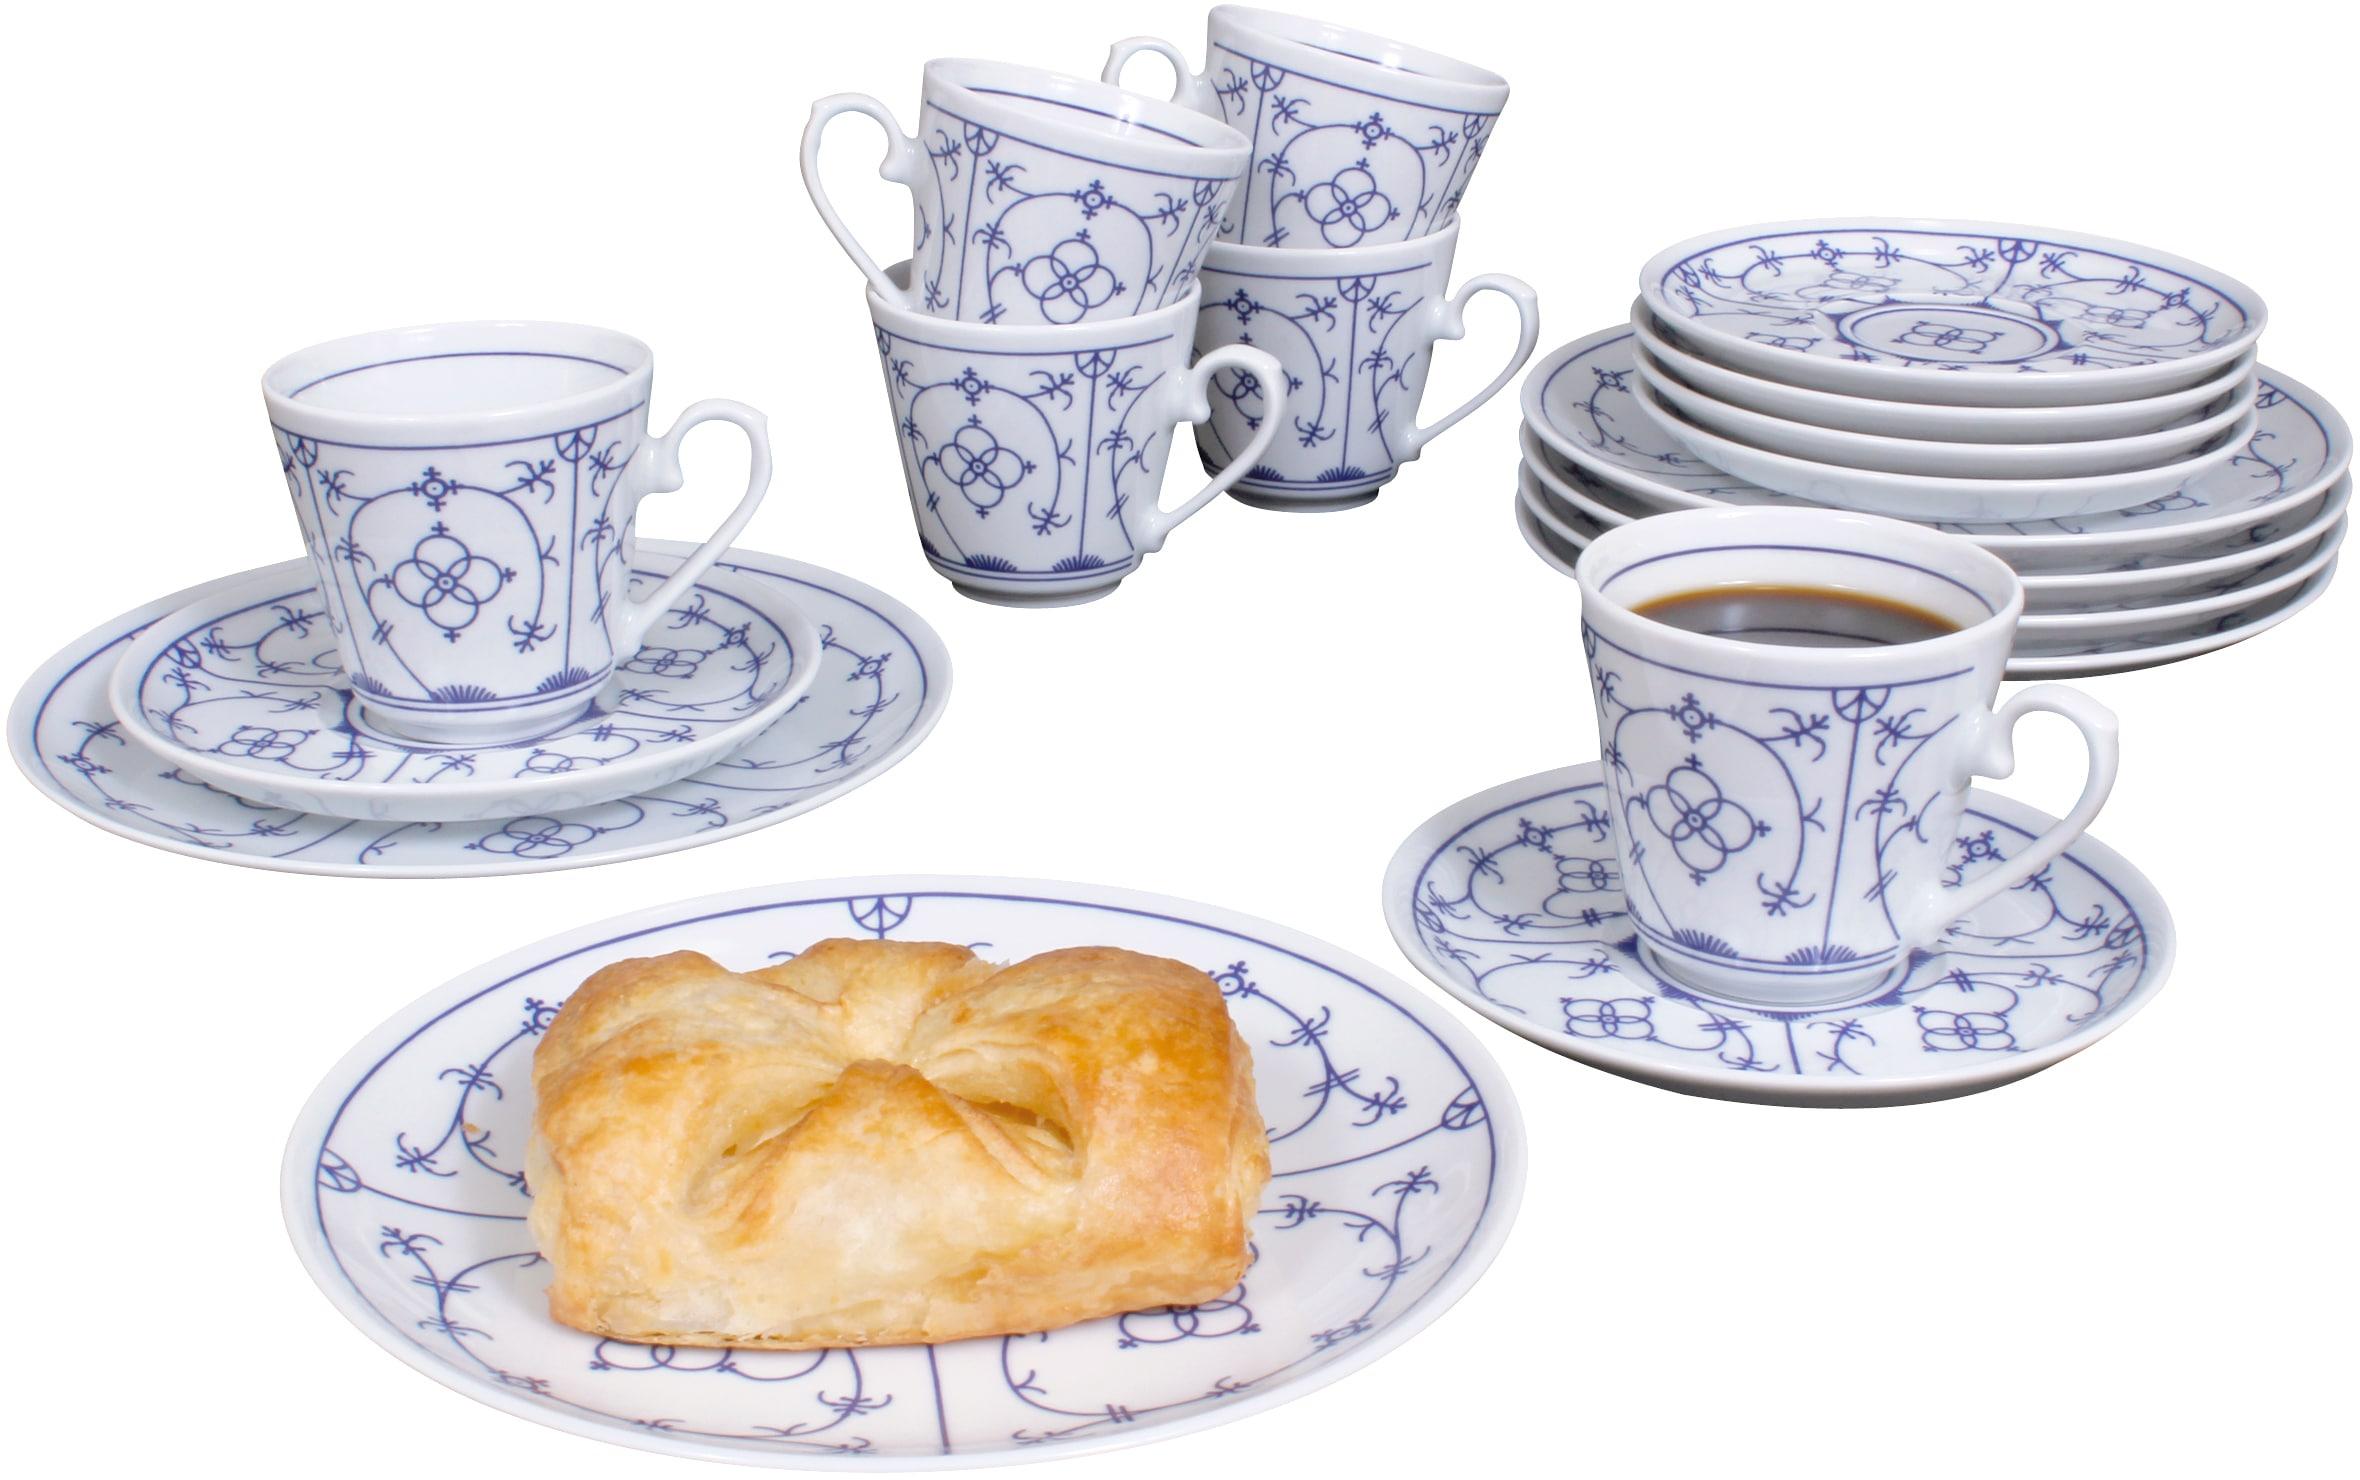 Eschenbach Kaffeeservice Winterling - Indischblau (18-tlg.), Porzellan weiß Geschirr-Sets Geschirr, Tischaccessoires Haushaltswaren